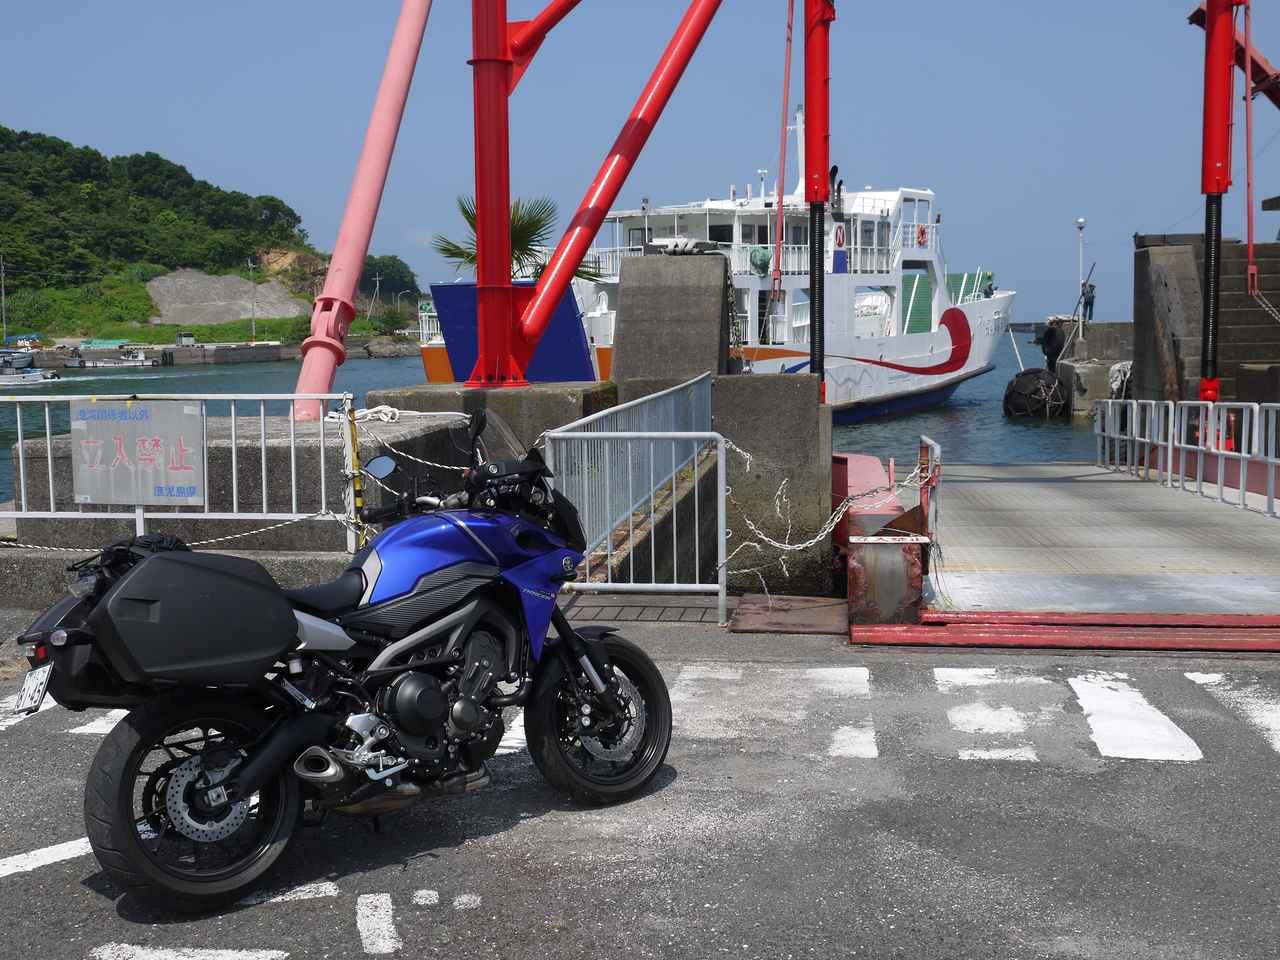 画像: 根占から山川へ鹿児島湾を渡るなんきゅうフェリーに乗船。旅のところどころで乗るフェリーは、良い休憩になりますね! その前に温泉入ってるじゃん! と、突っ込んでみる。